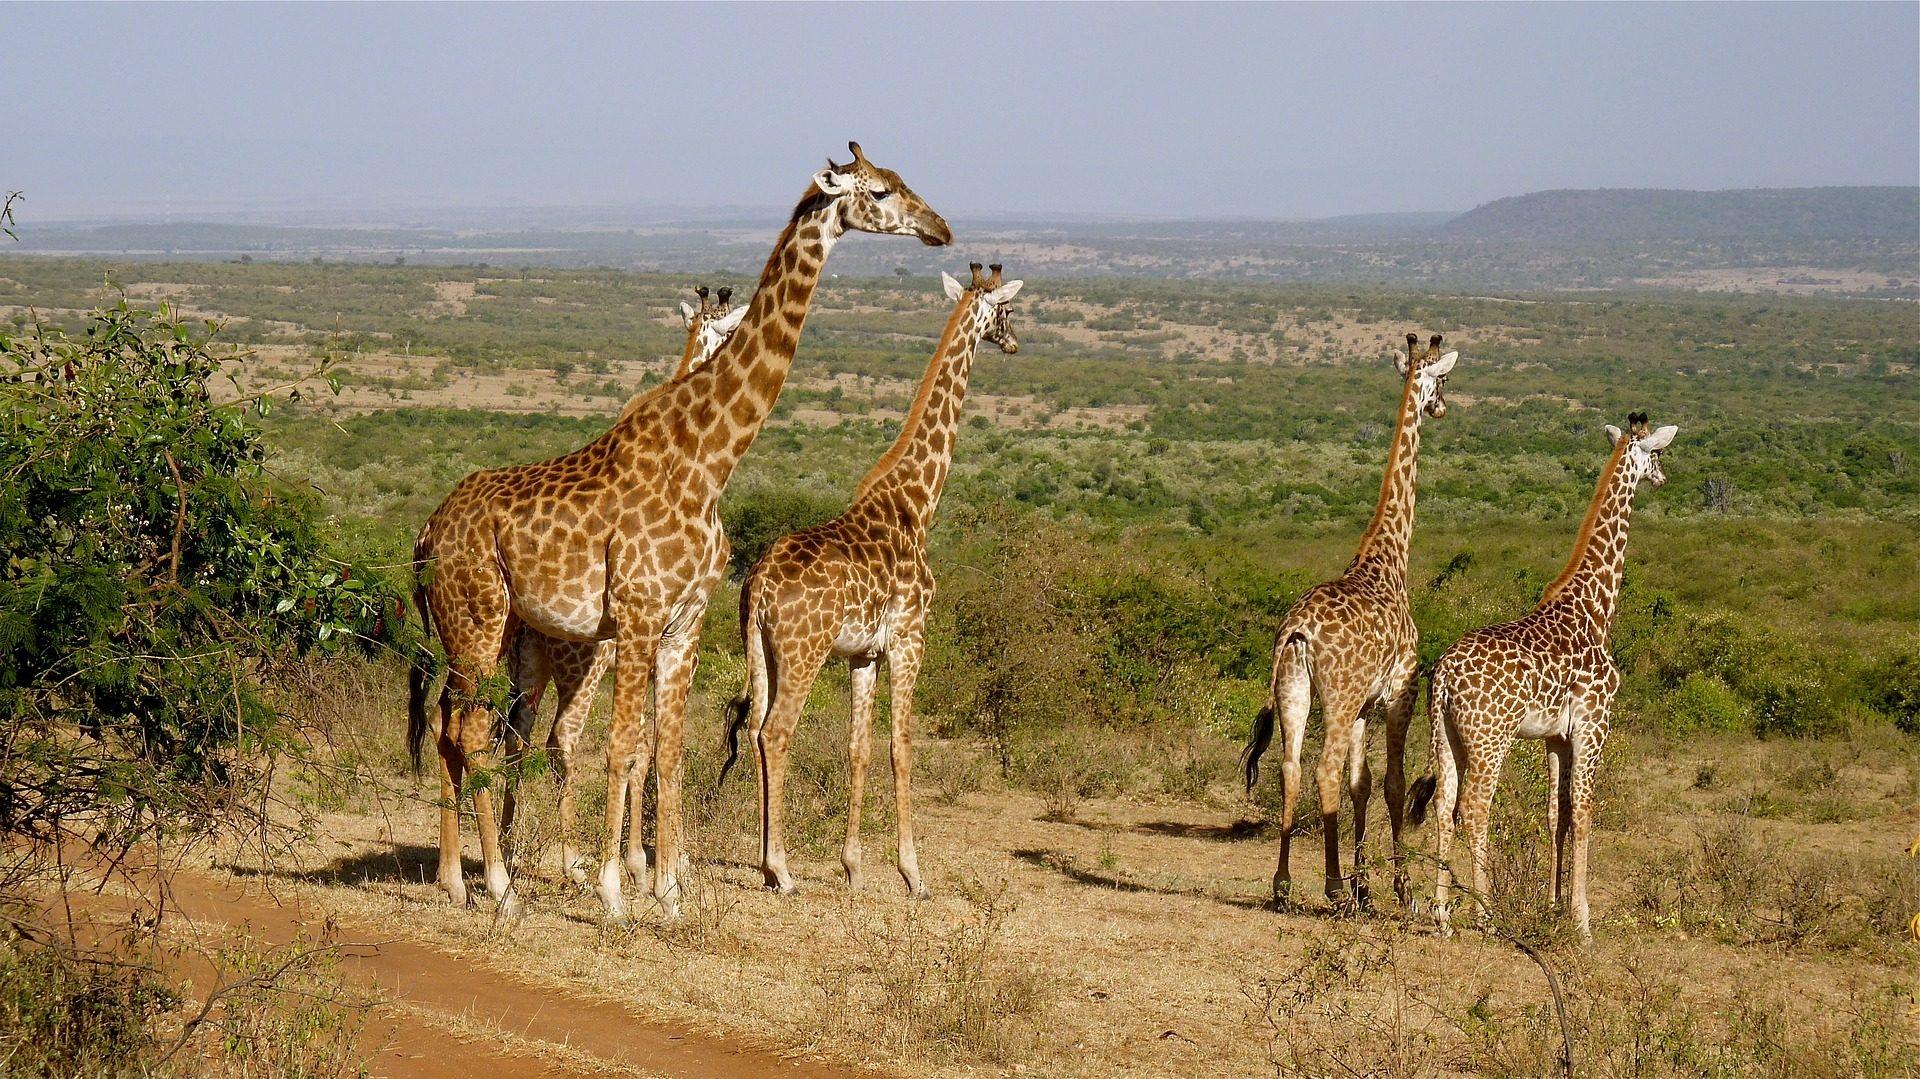 Жирафы, Семья, равнина, поле, Национальный парк, Кения - Обои HD - Профессор falken.com